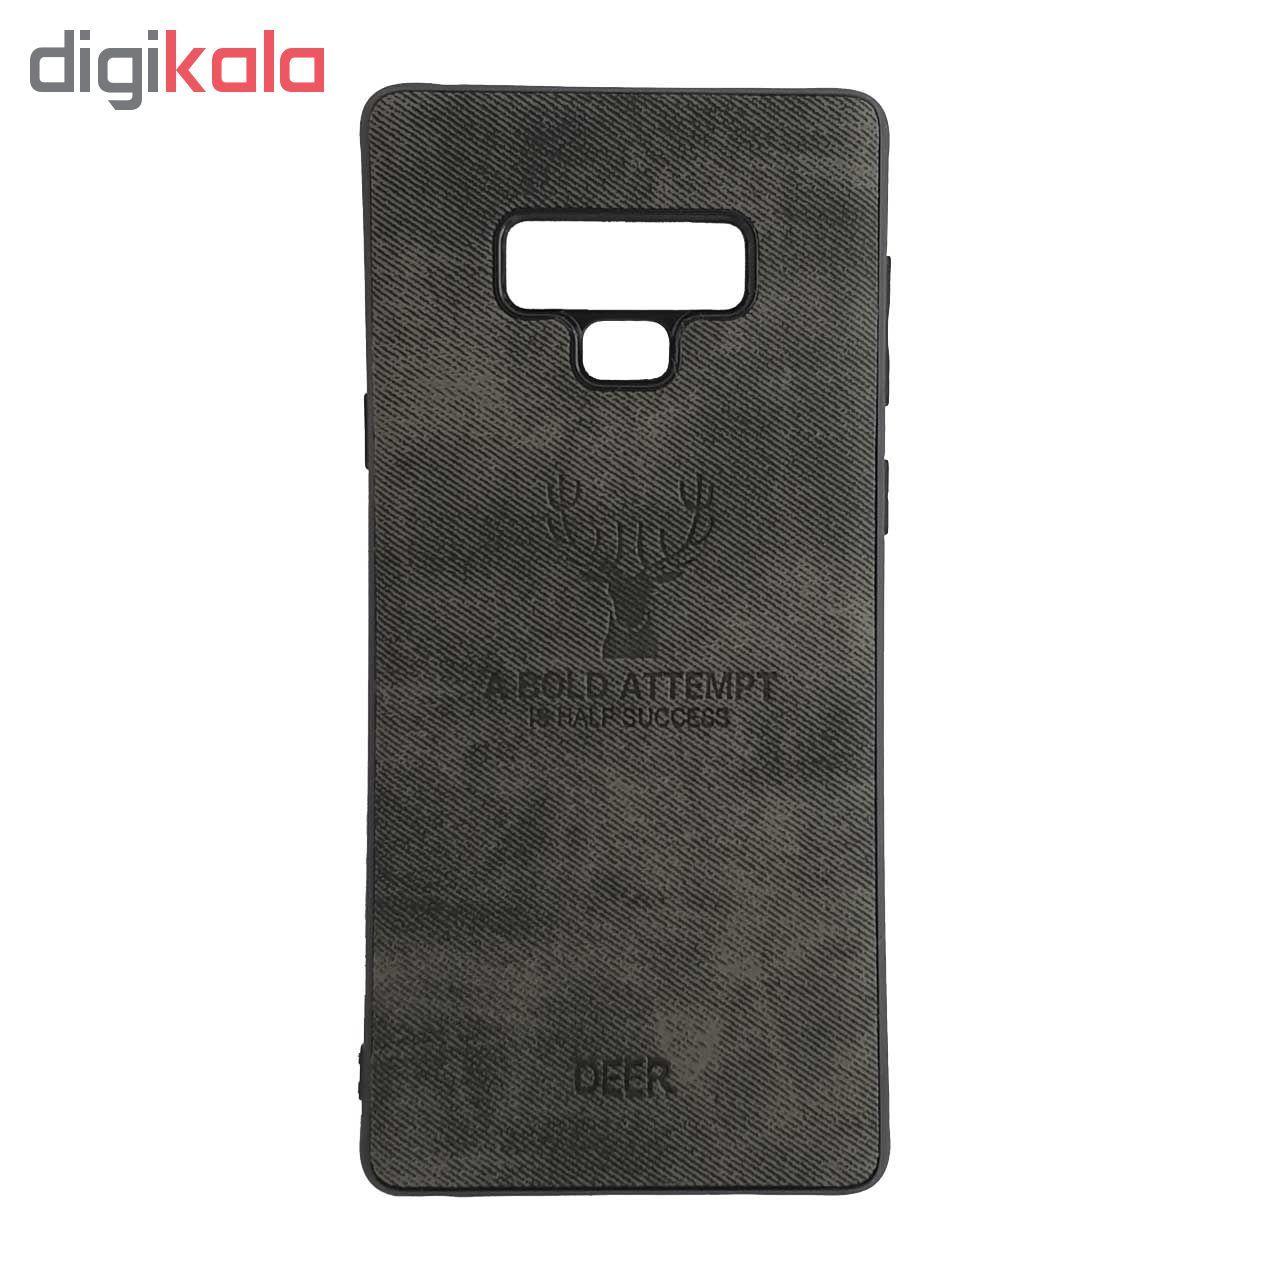 کاور ایبیزا مدل D-114 مناسب برای گوشی موبایل سامسونگ Galaxy Note 9 main 1 2